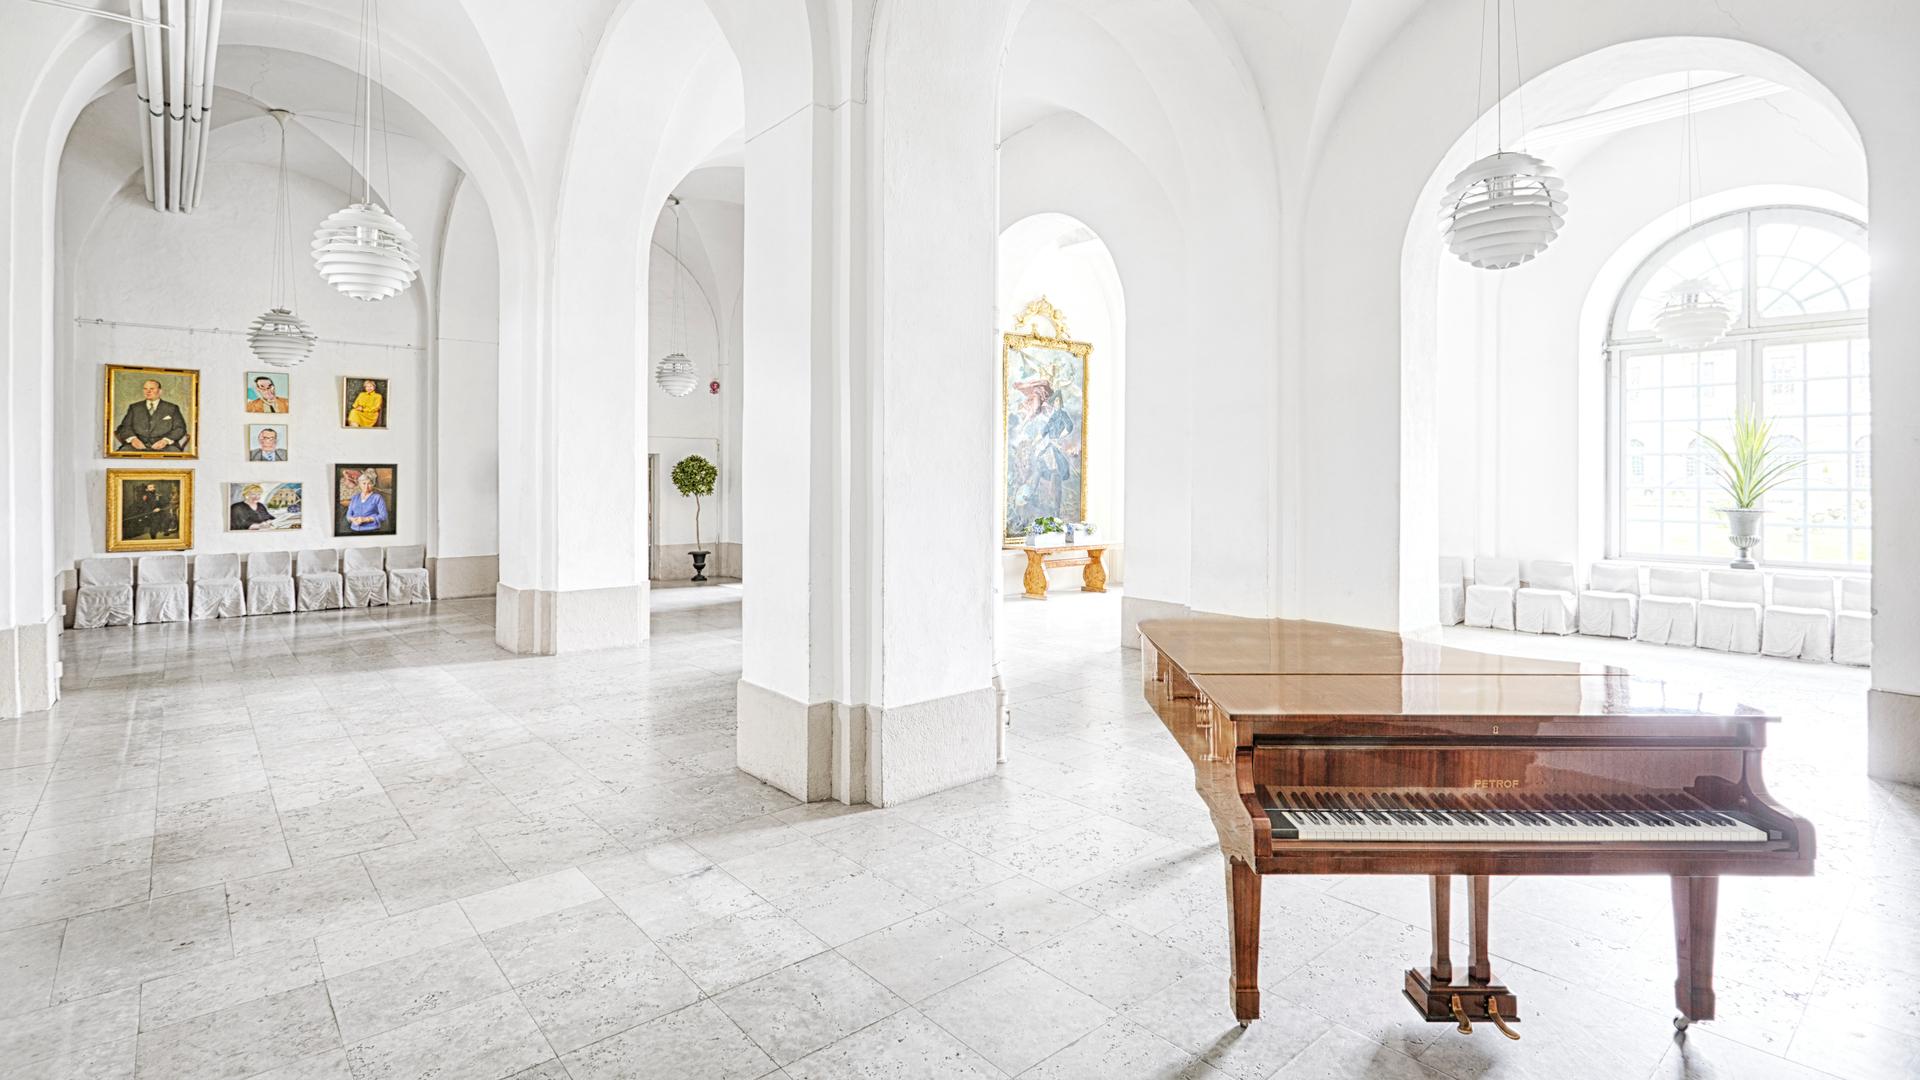 Vy över Stensalen. En vit och ljus sal med en flygel i förgrunden.